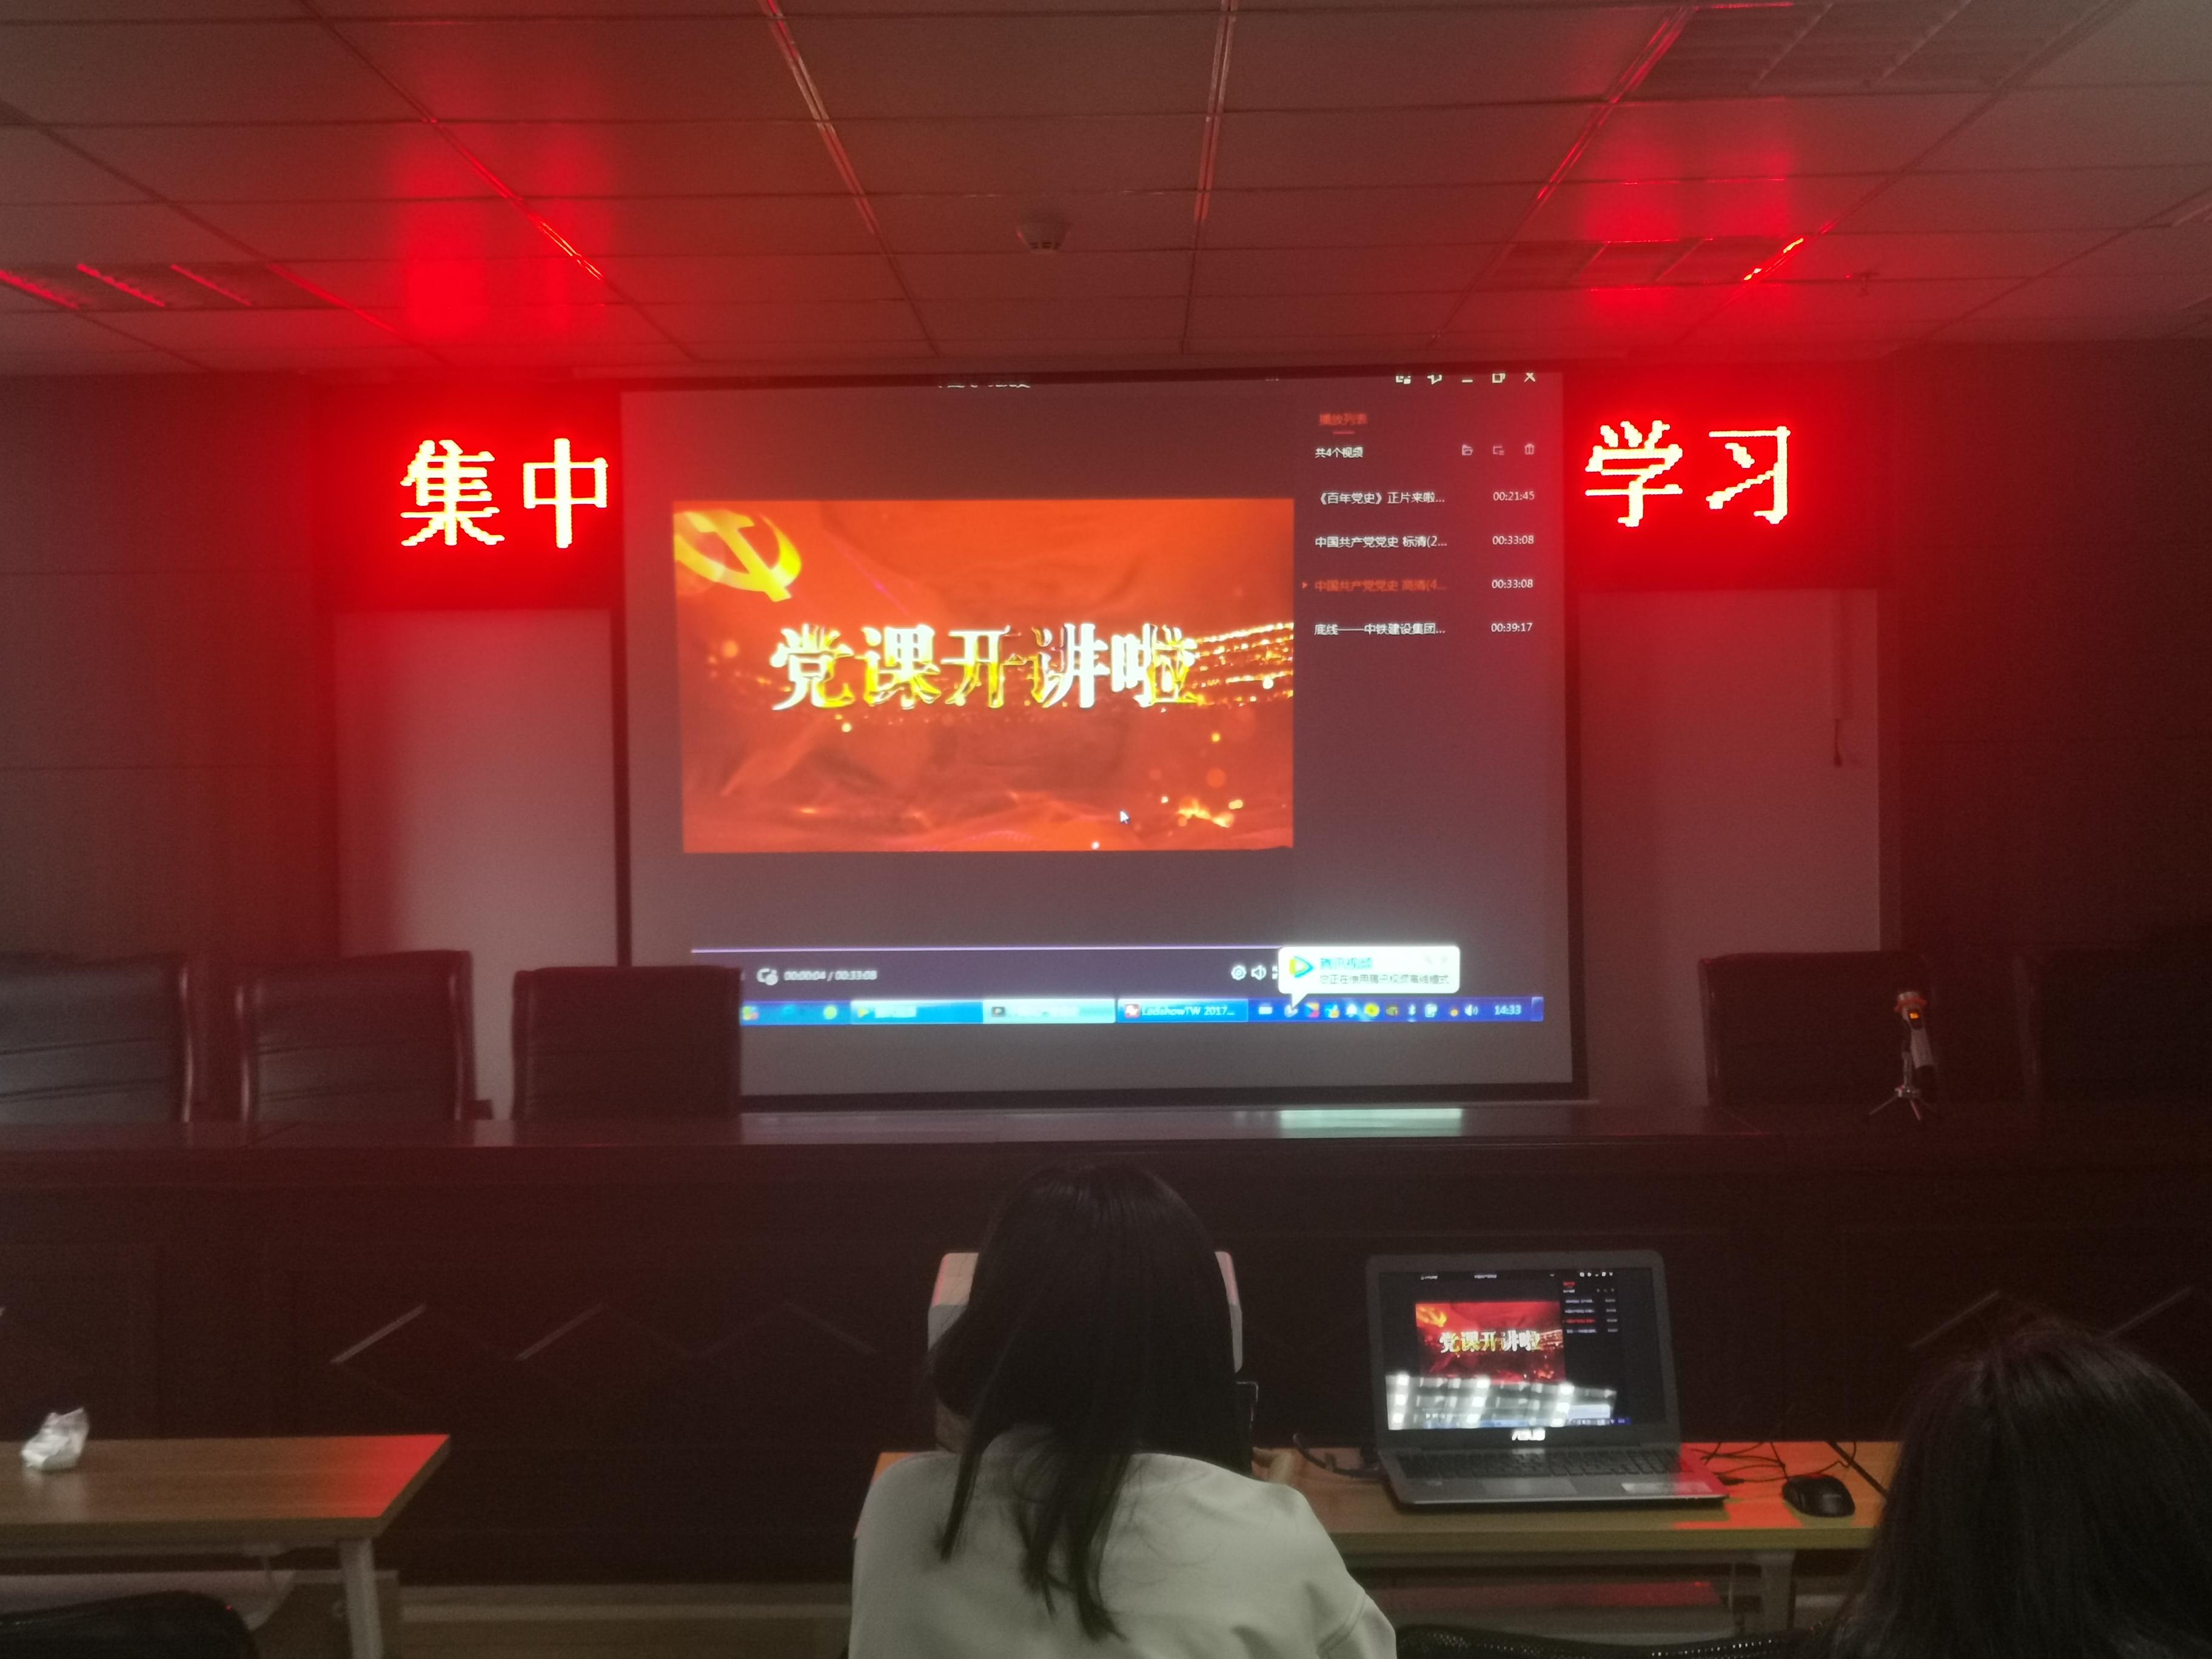 即墨国际商贸城公司组织集中观看《红色筑梦》微党课